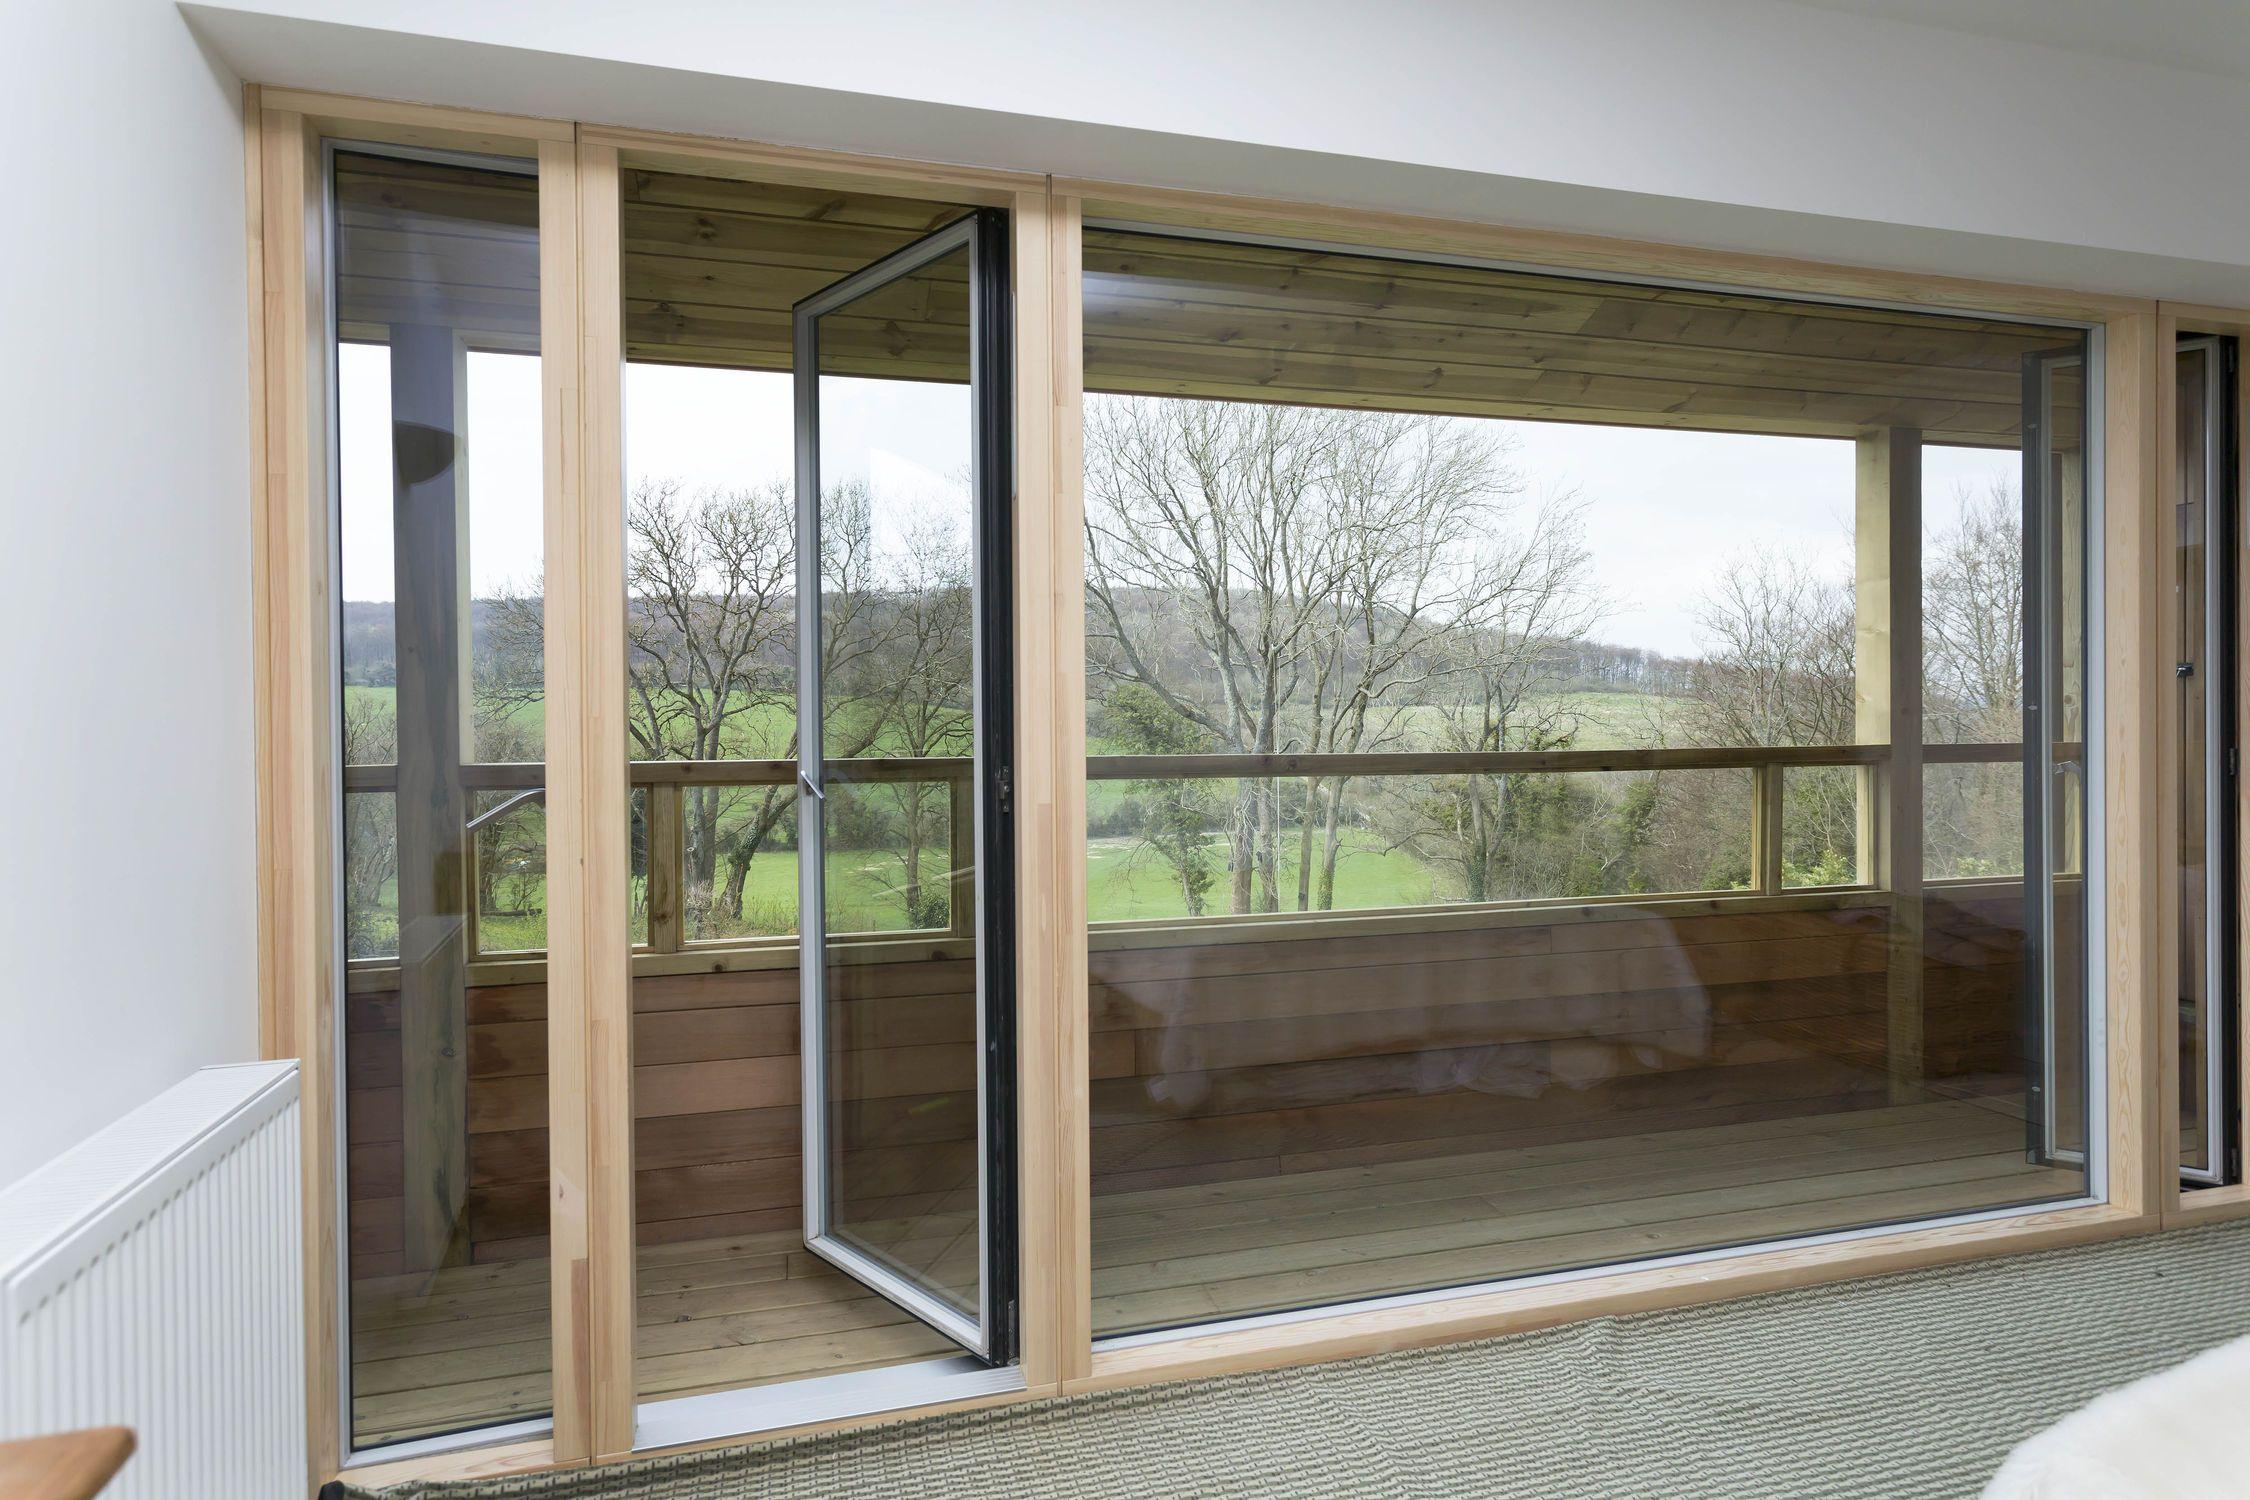 Außergewöhnlich Fertig Haus / Modern / Holz / Holzkonstruktion   WHITEBEAM, HAMPSHIRE By:  Deer